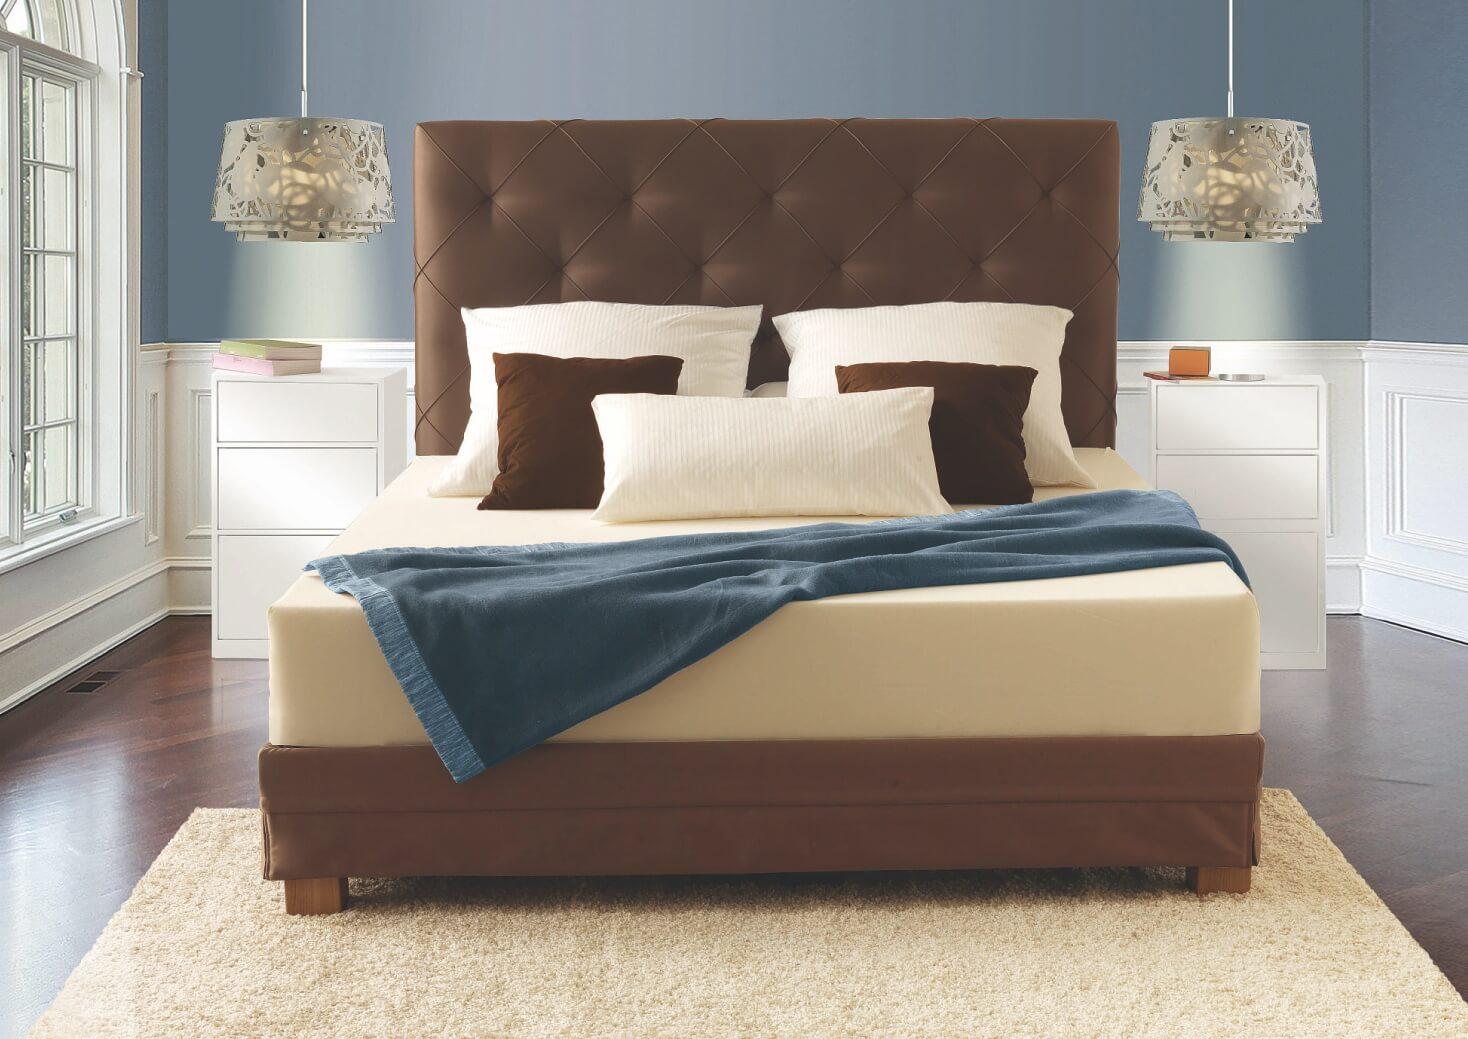 Full Size of Gnstige Betten Frankfurt Günstige Regale Mit Bettkasten Ikea 160x200 Französische Außergewöhnliche Rauch 180x200 Ohne Kopfteil Massivholz Hamburg 140x200 Bett Günstige Betten